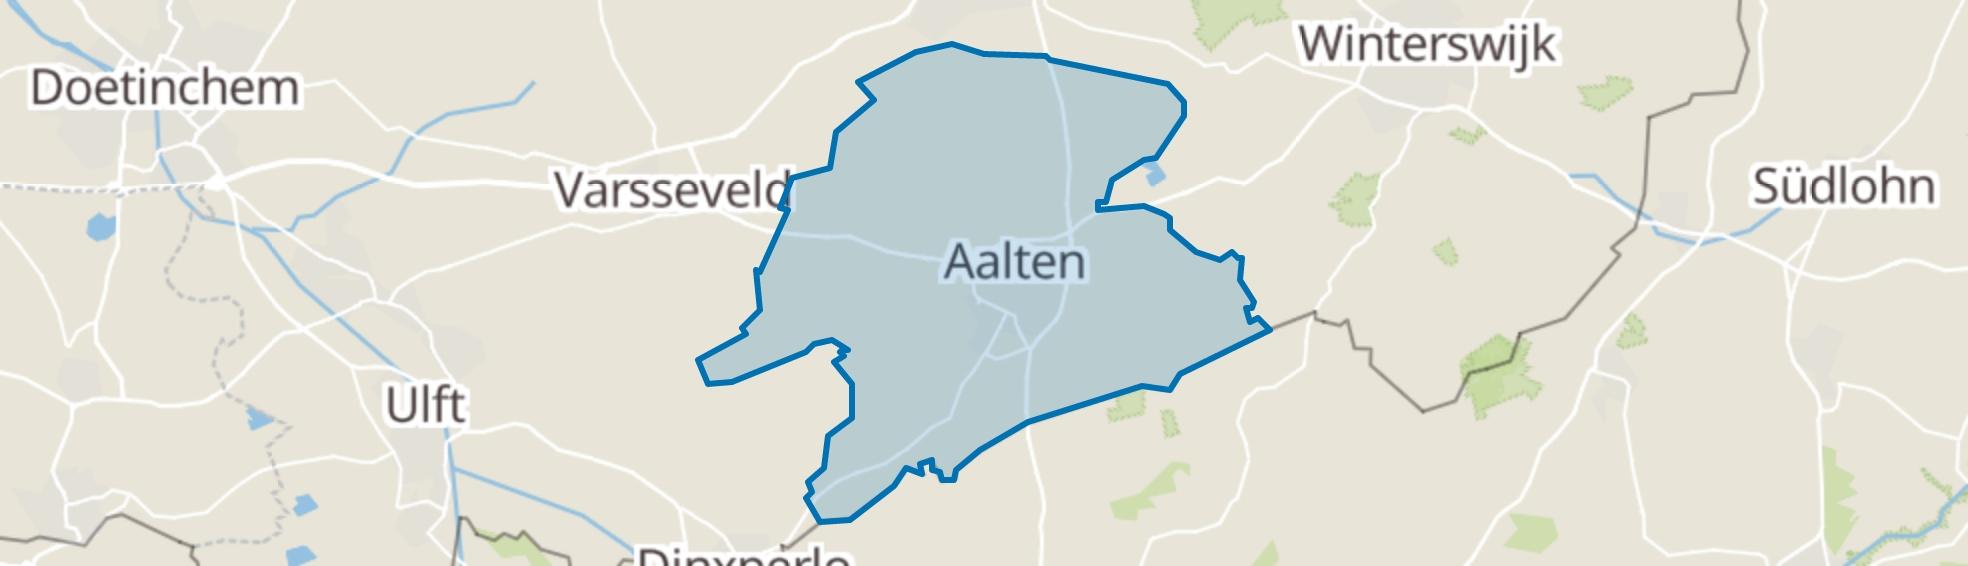 Aalten map